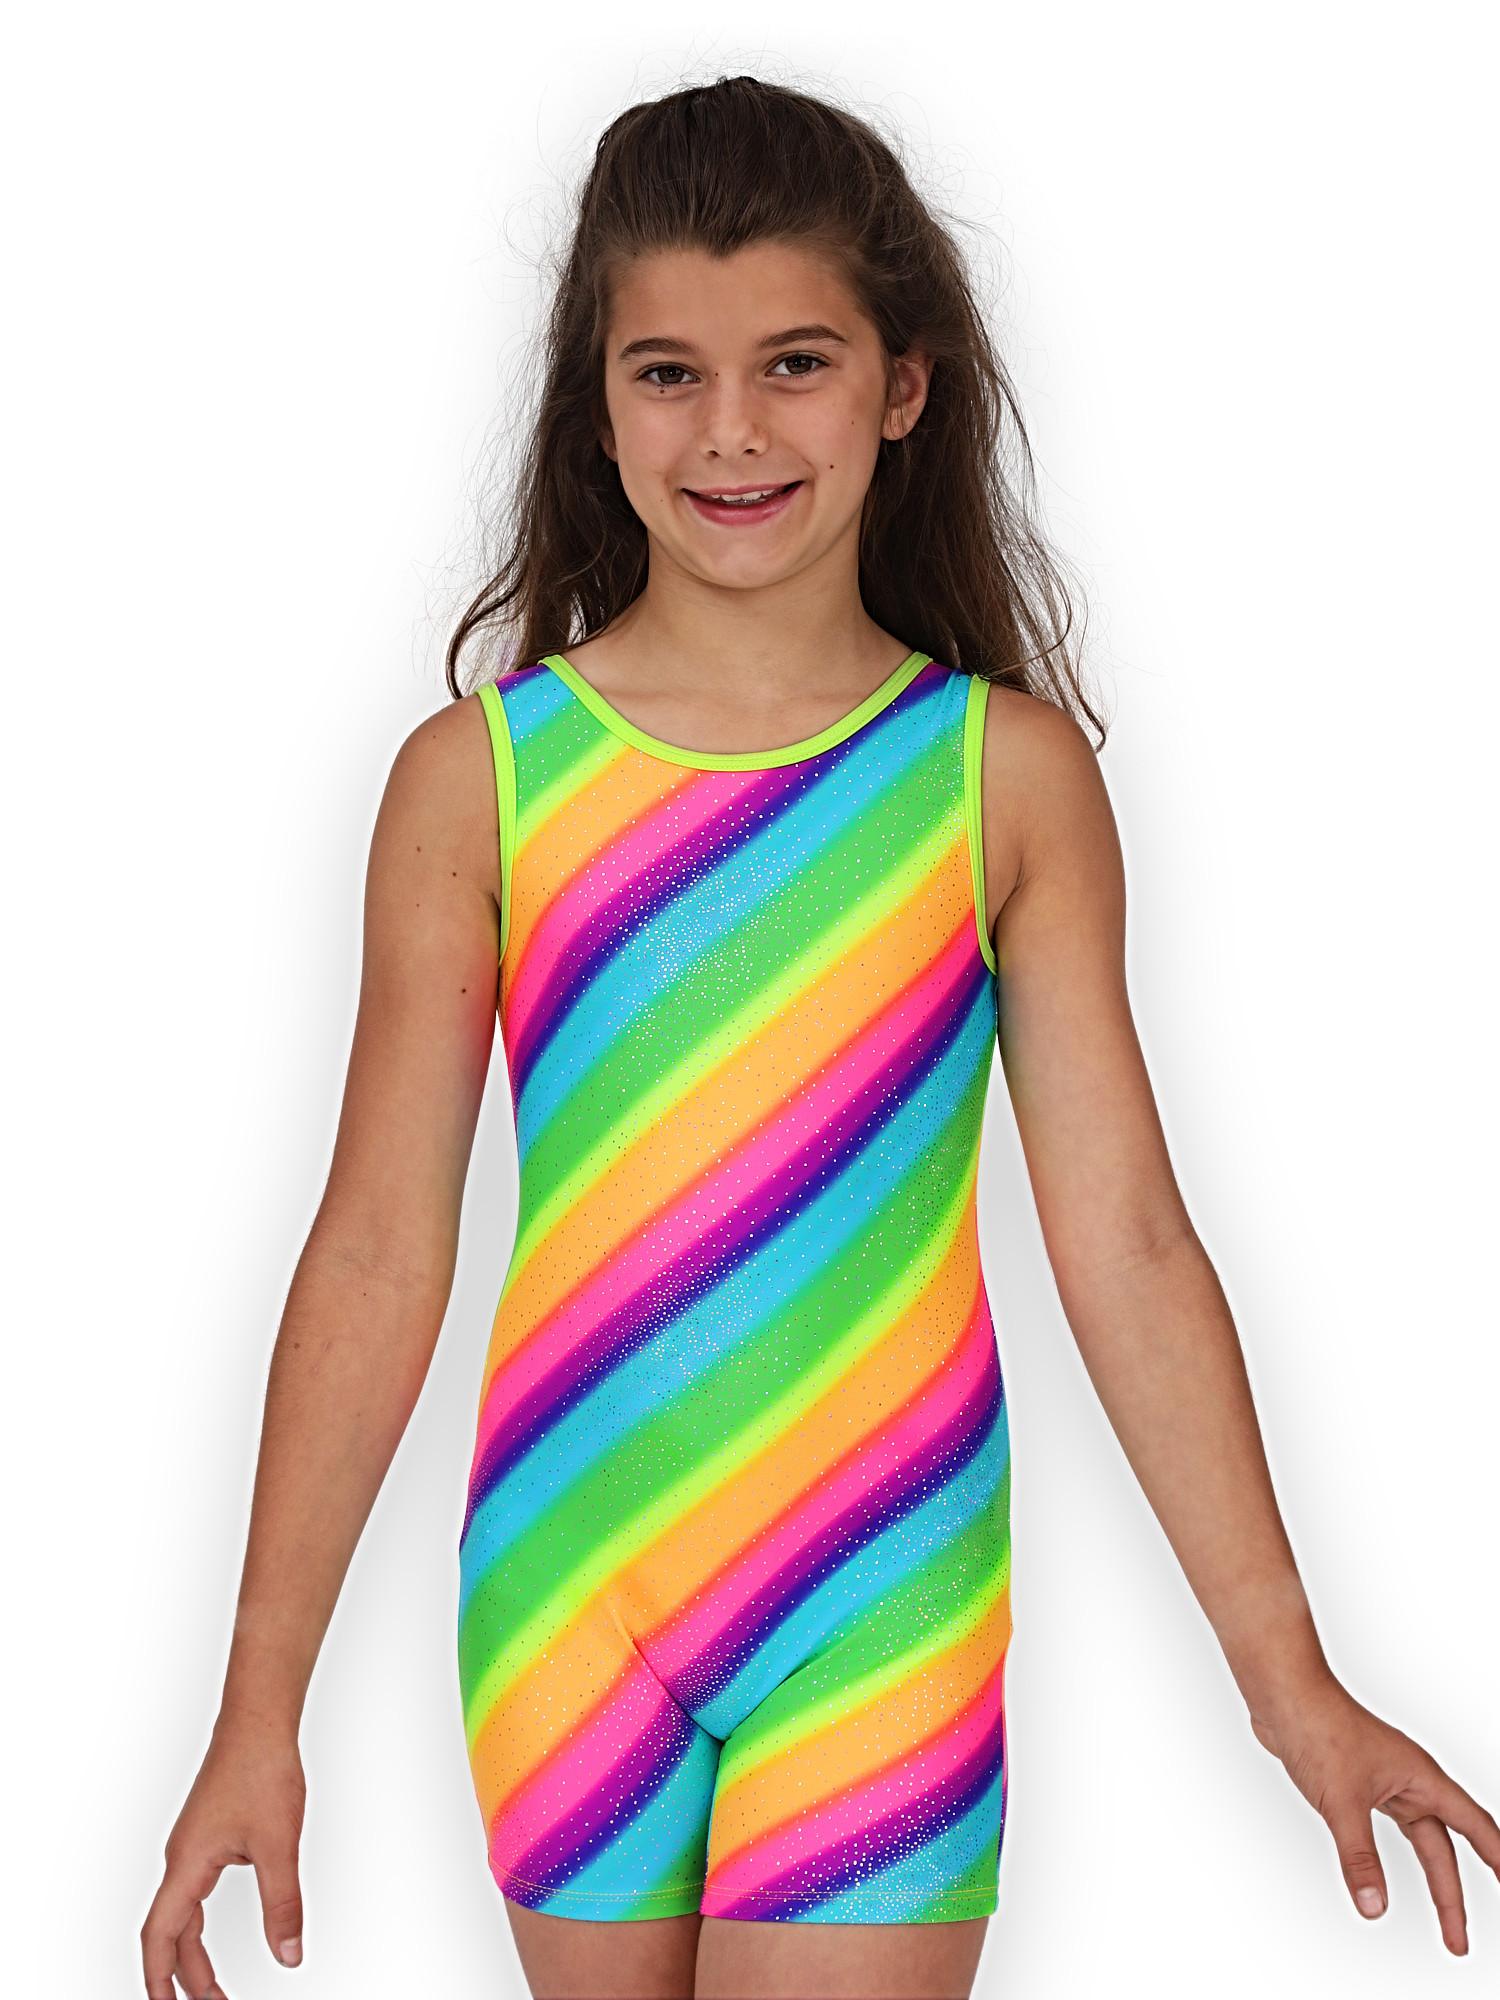 Gymnastics Biketard for Girls - Rainbow Sparkle - Leap Gear by Pelle - 6 | Child Medium